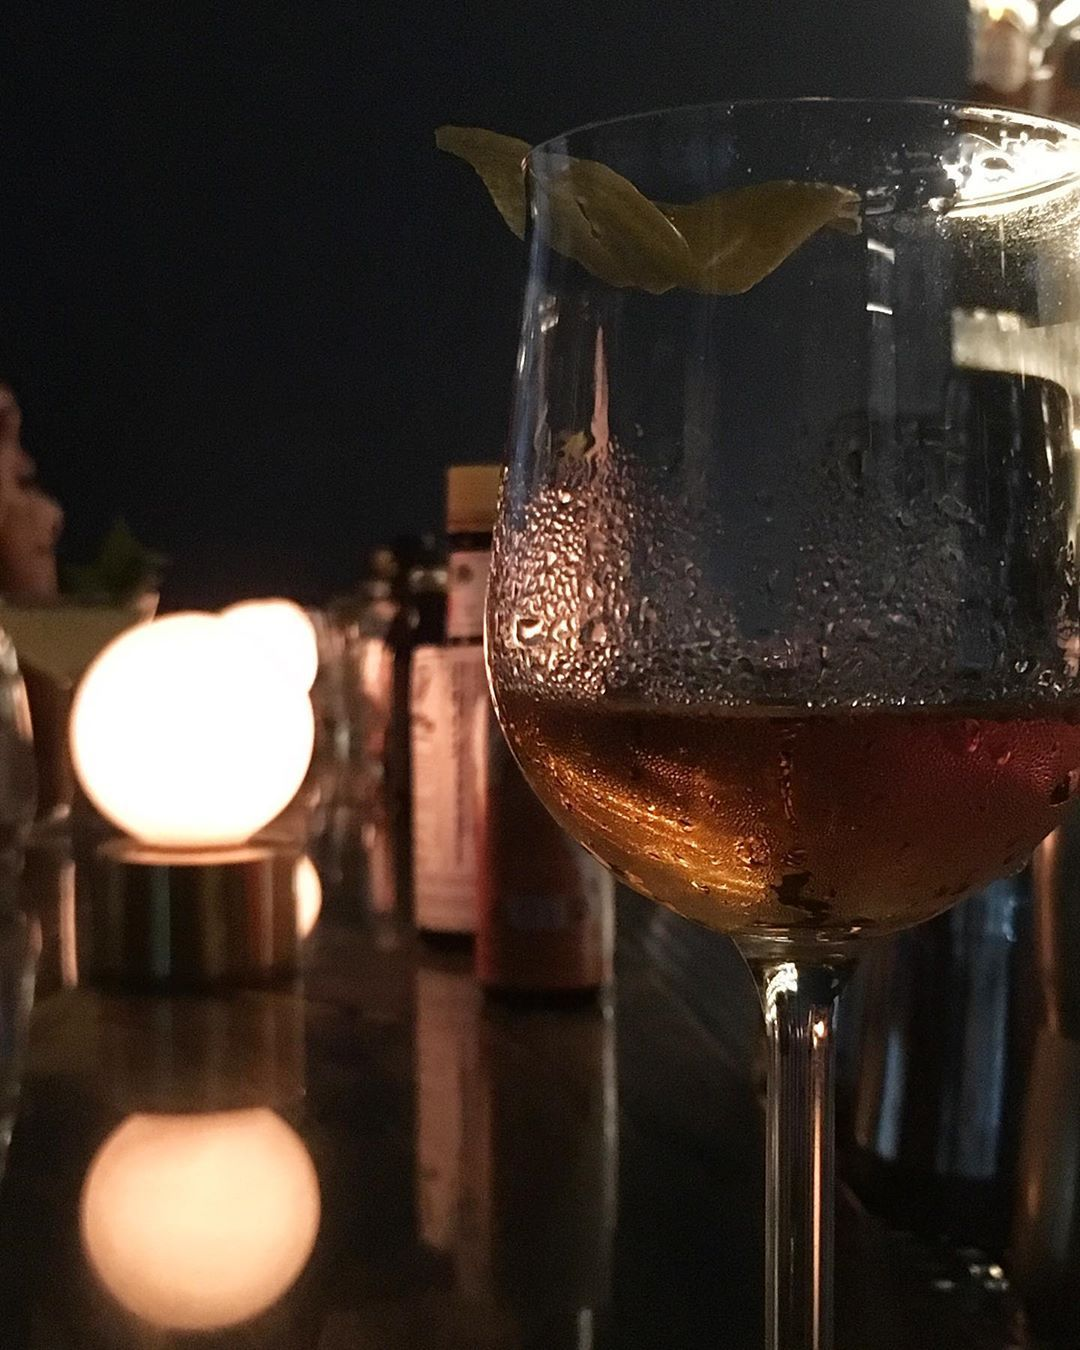 """Gourmandise on Instagram: """"Pq às vezes precisamos de um soco. #blackthorne #irish e #uptodate 🤜😶🤛 #fel #bar #sp #011"""""""